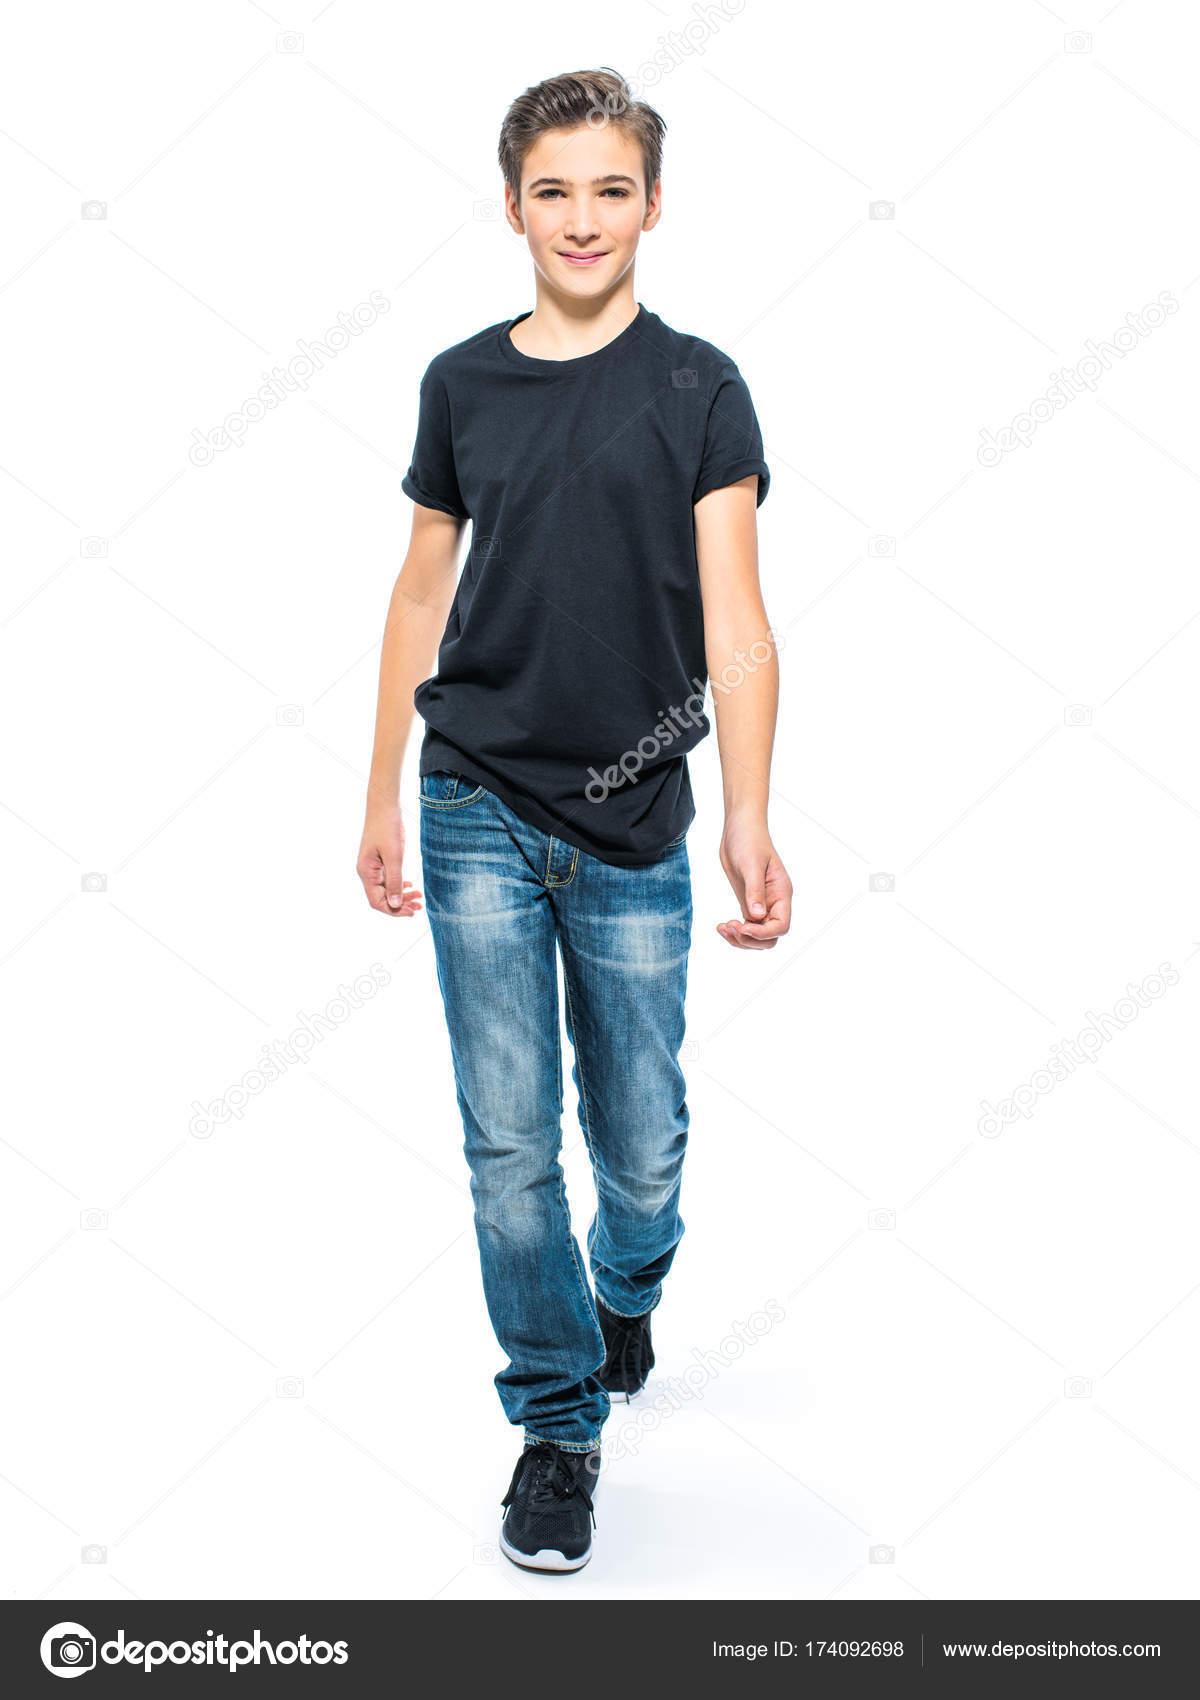 Man posing photo